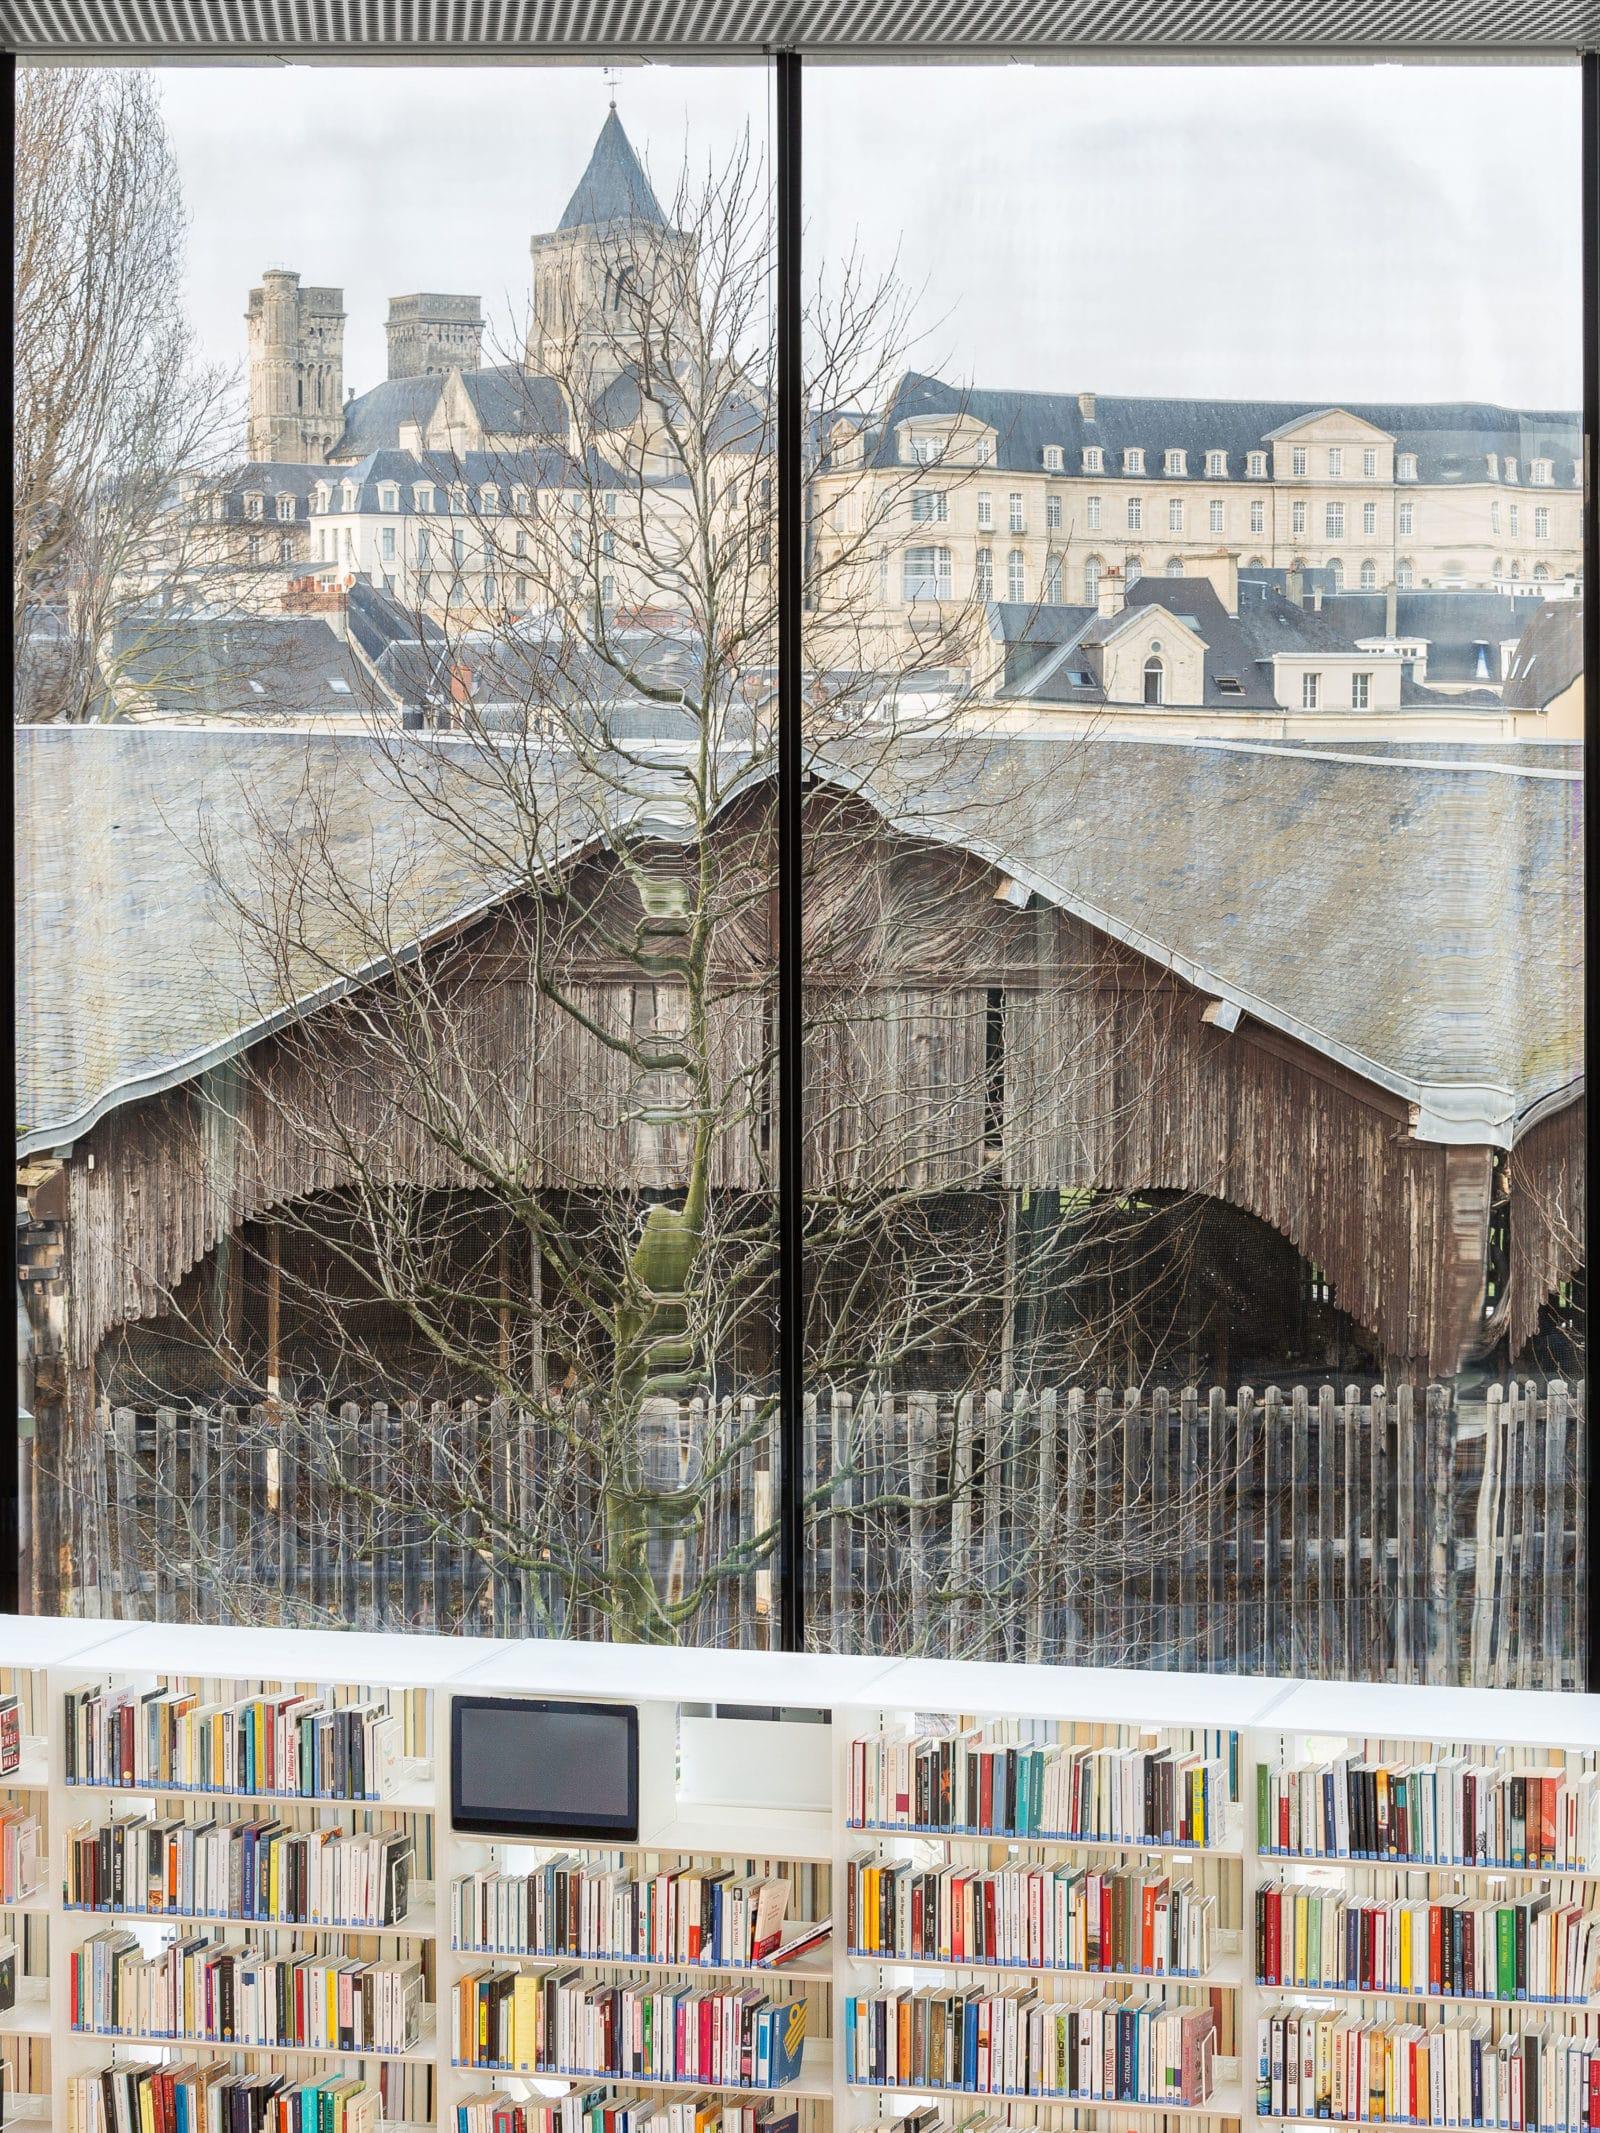 02_Bibliothèque Alexis de Tocqueville_ Photo by Delfino Sisto Legnani and Marco Cappelletti